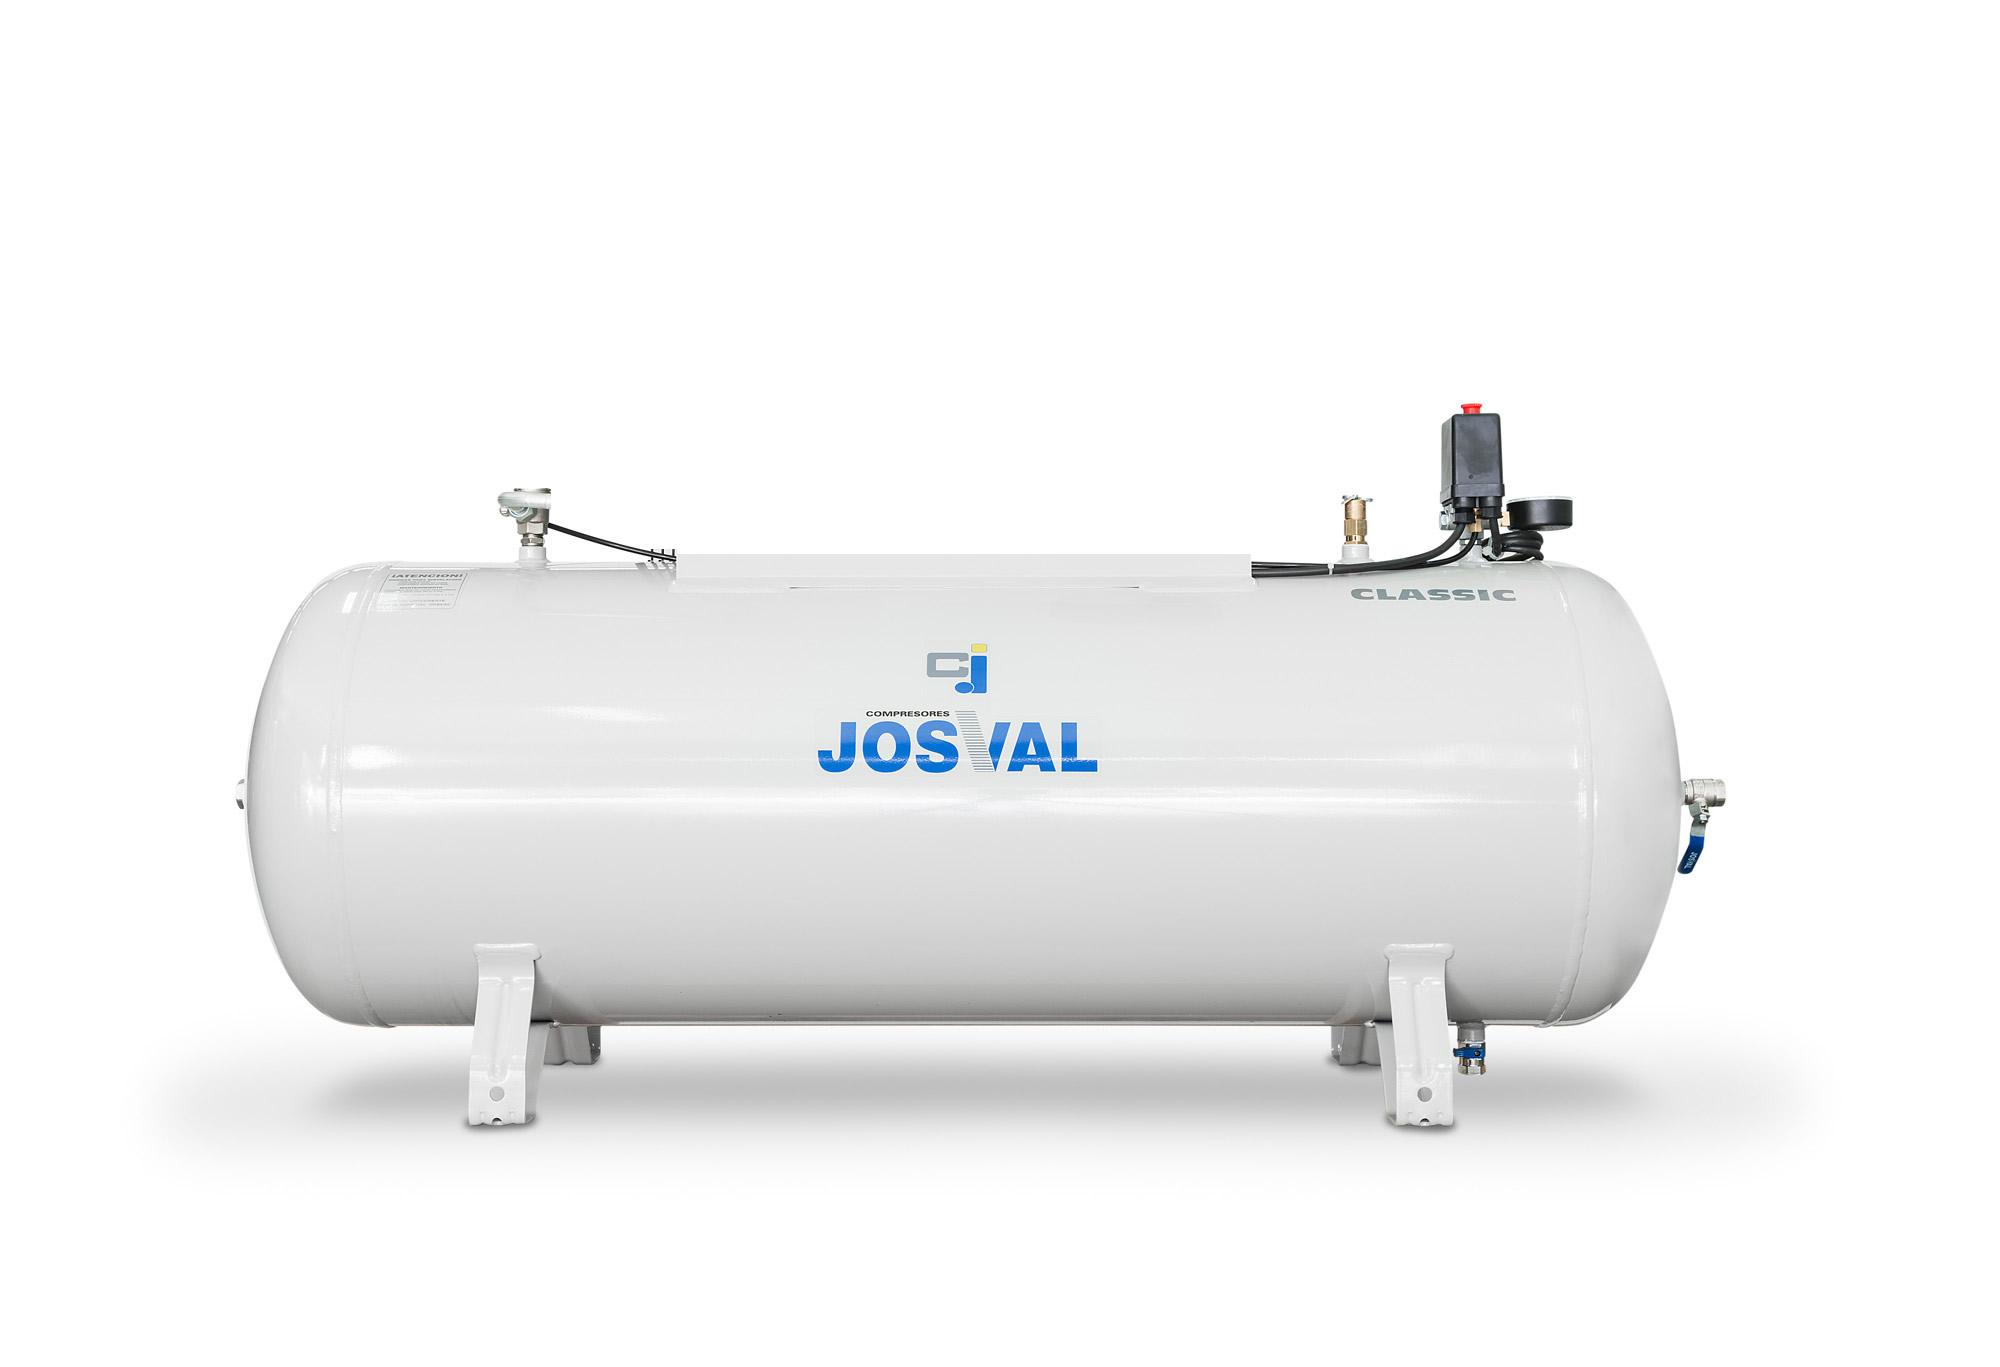 Zbiornik poziomy DH 100 JOSVAL